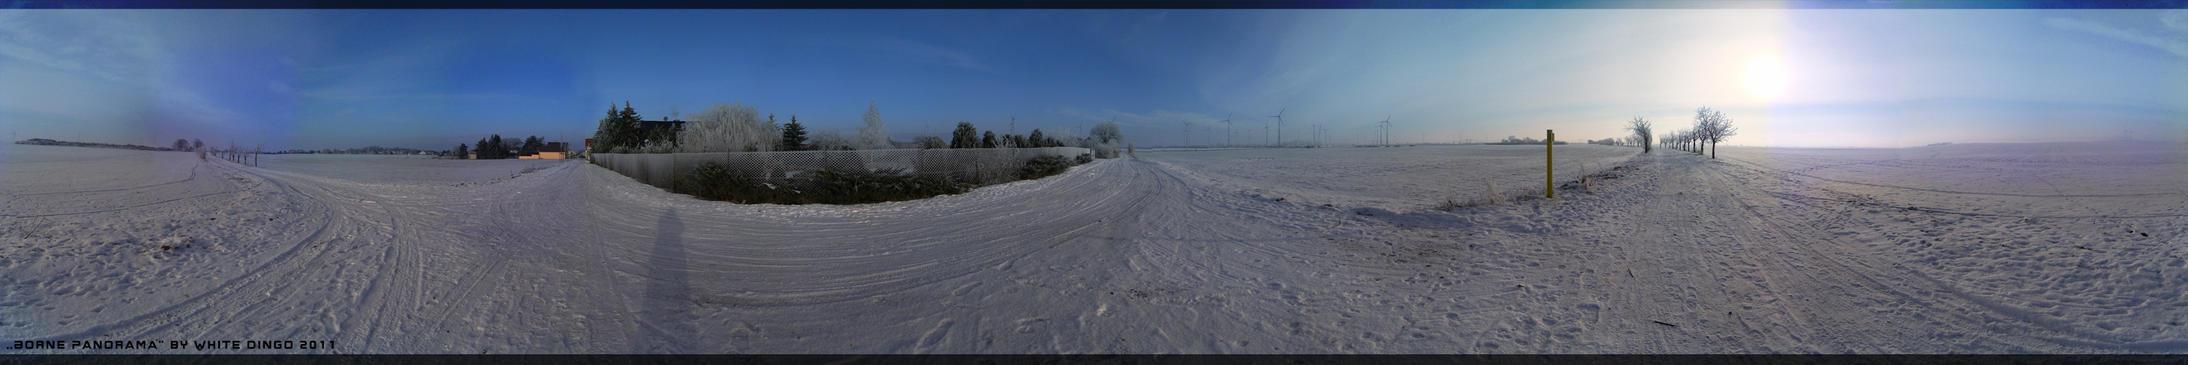 Borne Panorama by XxBaka-pooxX